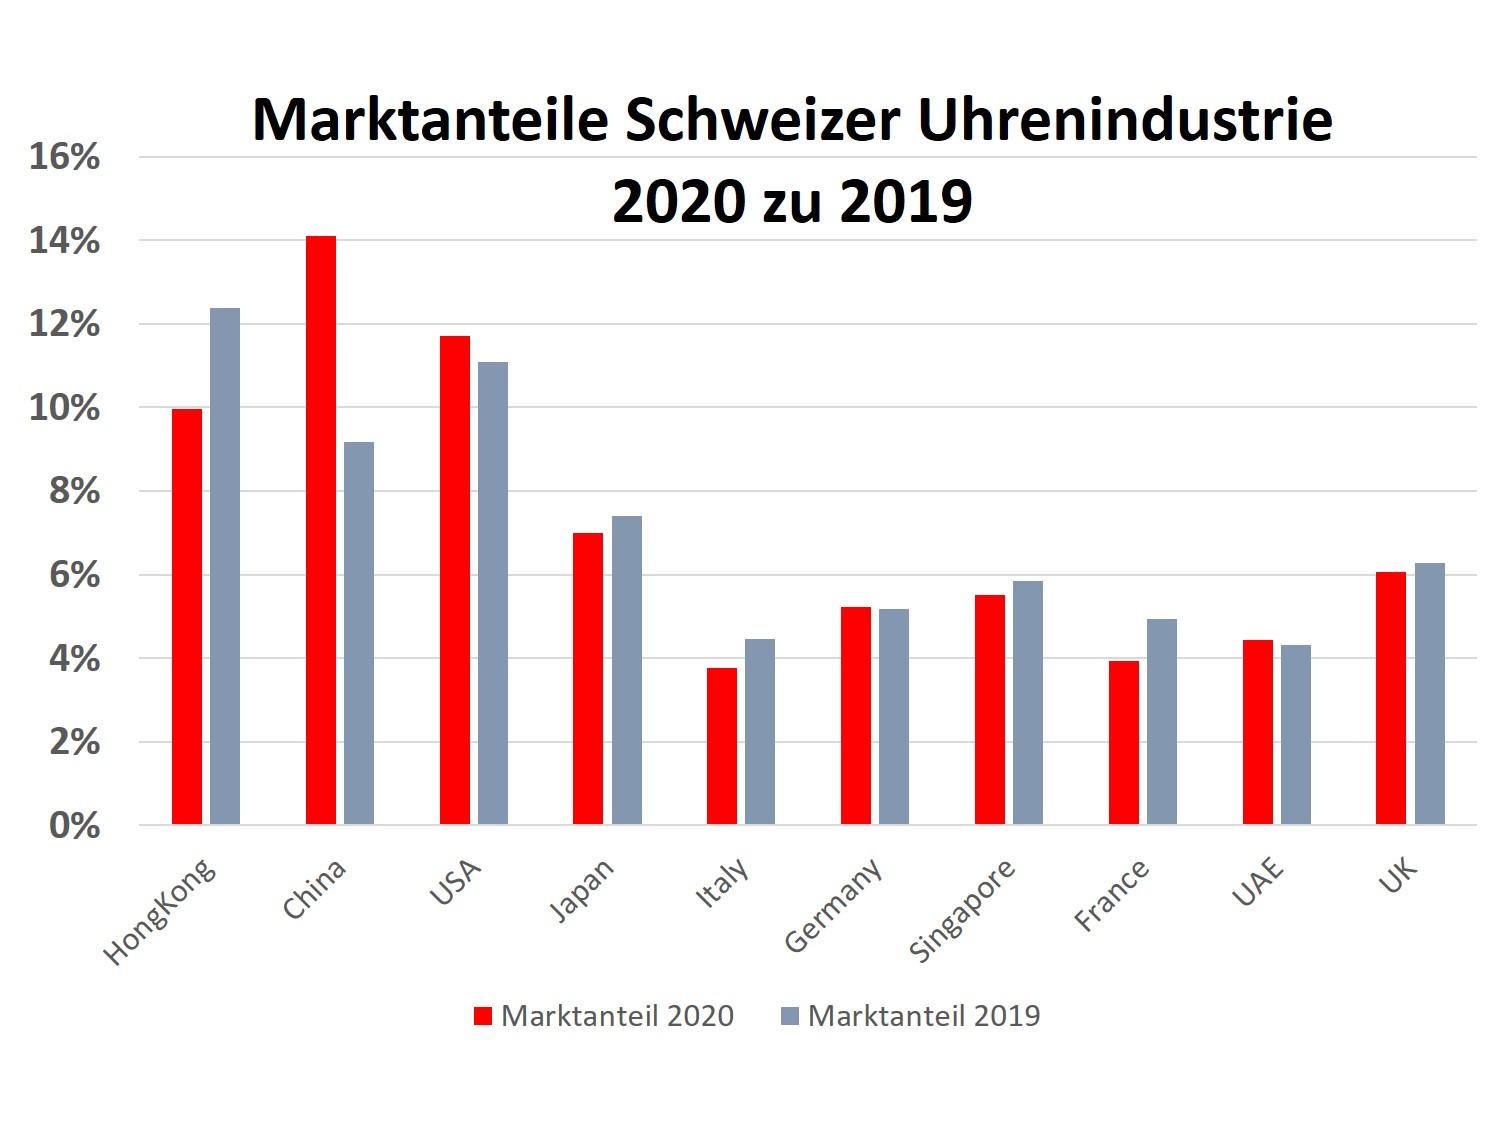 Marktanteile Exporte Schweizer Uhrenindustrie 2020